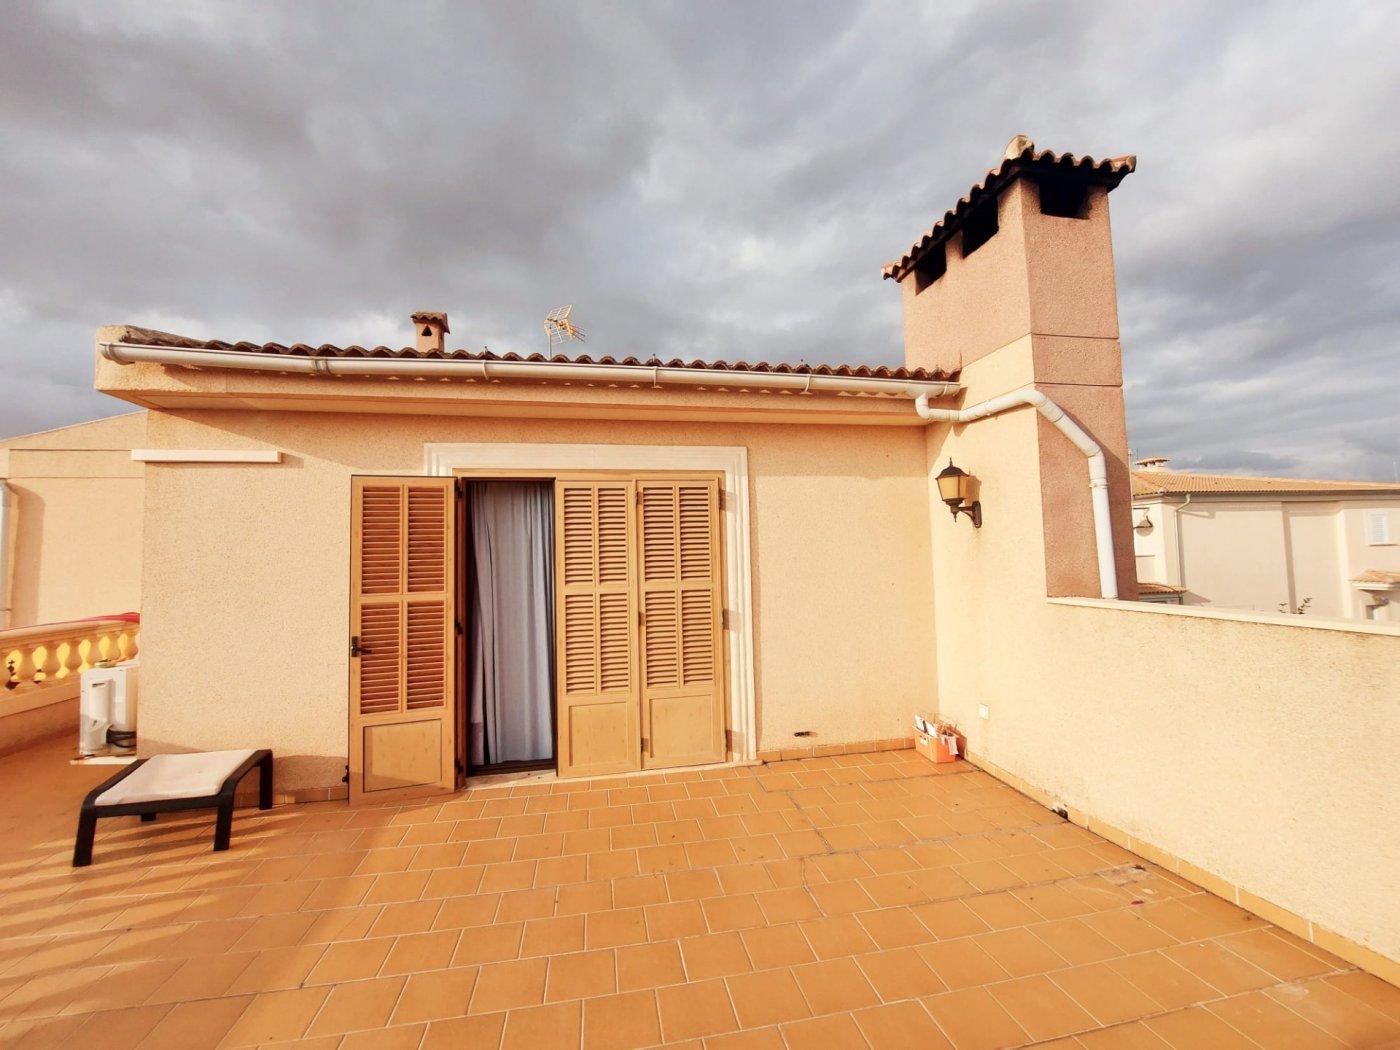 En venta espectacular casa o chalet en can carbonellell-sa cabana - imagenInmueble26